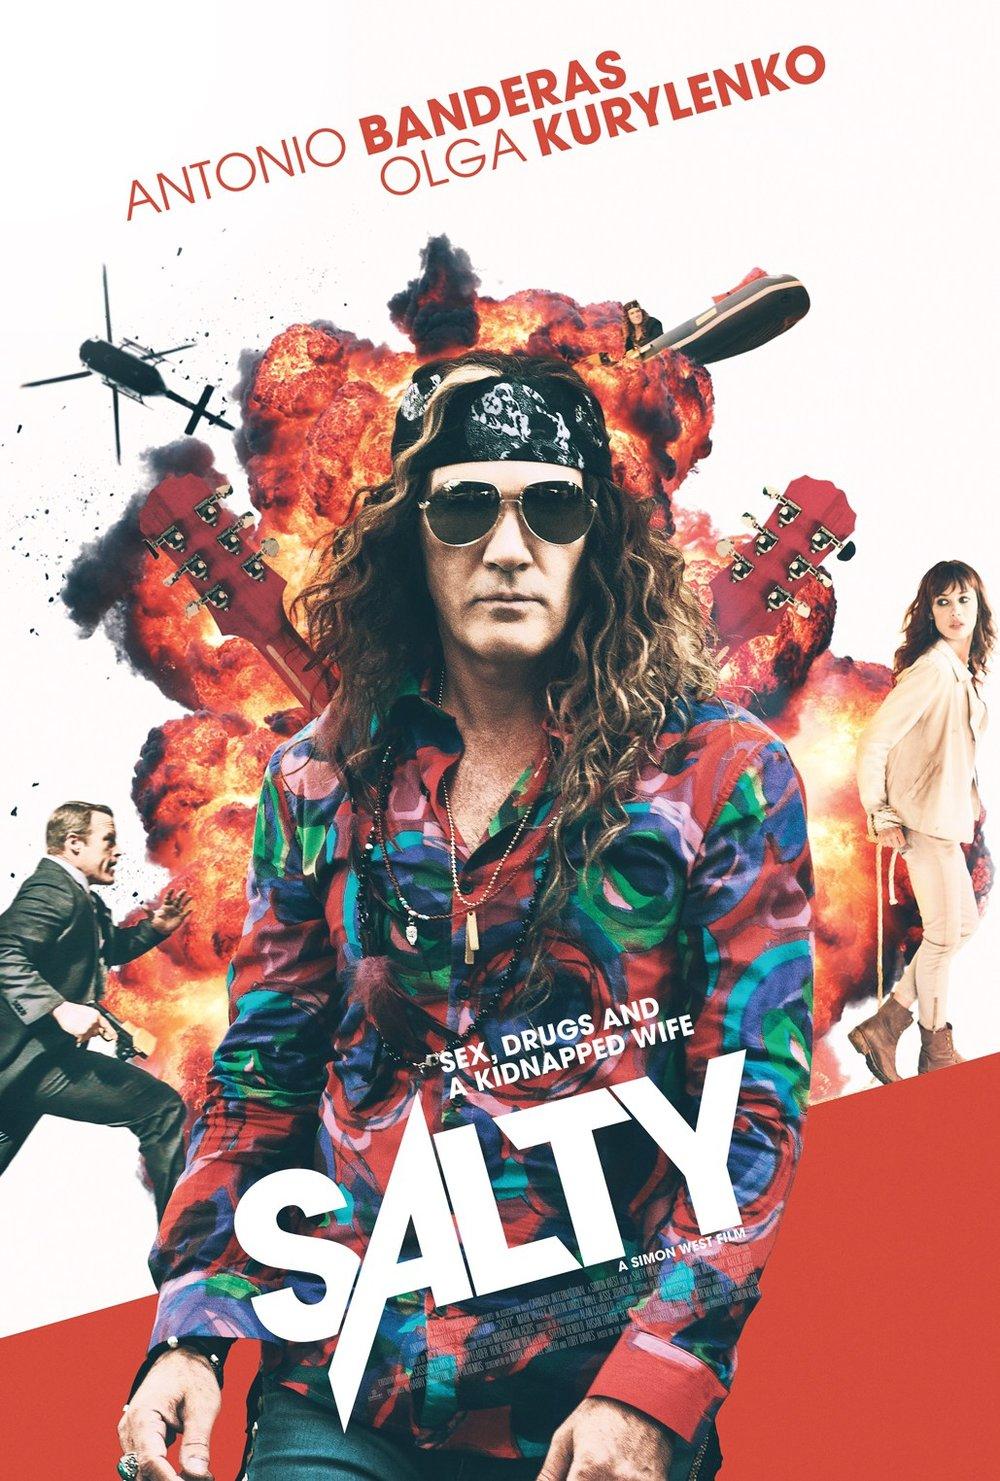 Salty-movie-poster.jpg